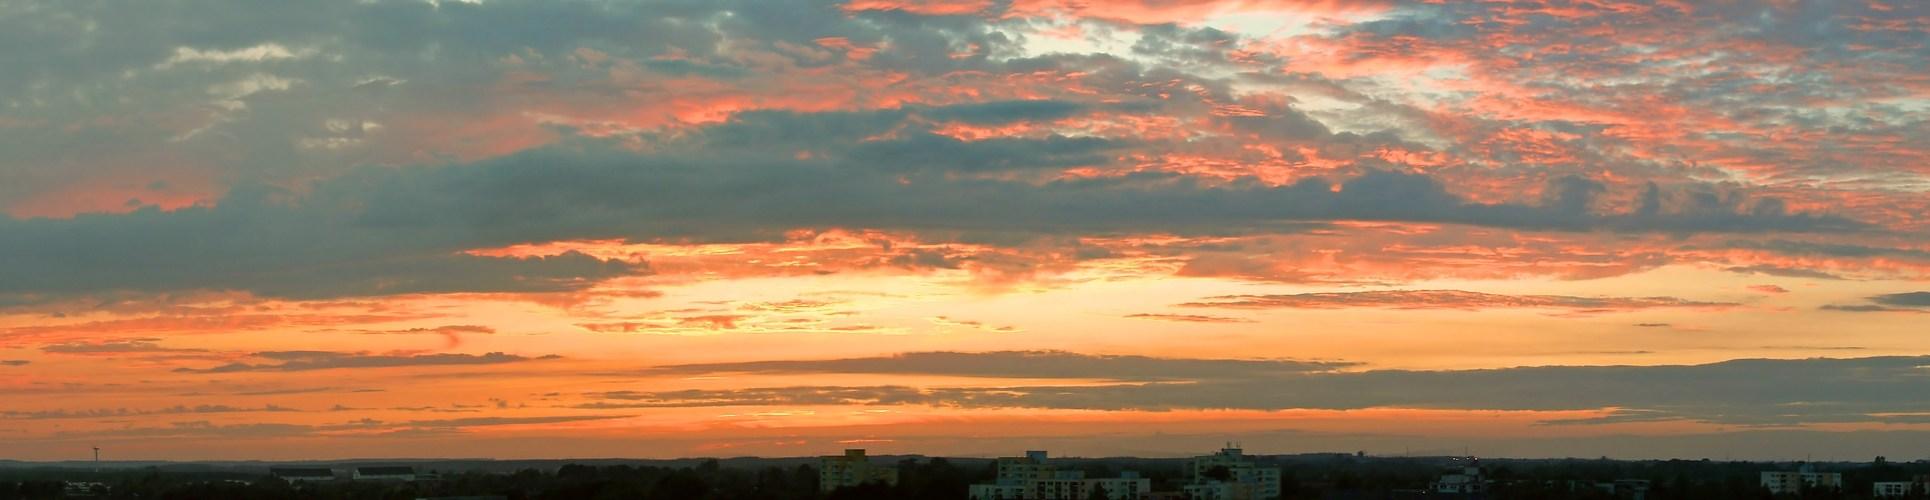 heute abend von meinem balkon in harrislee